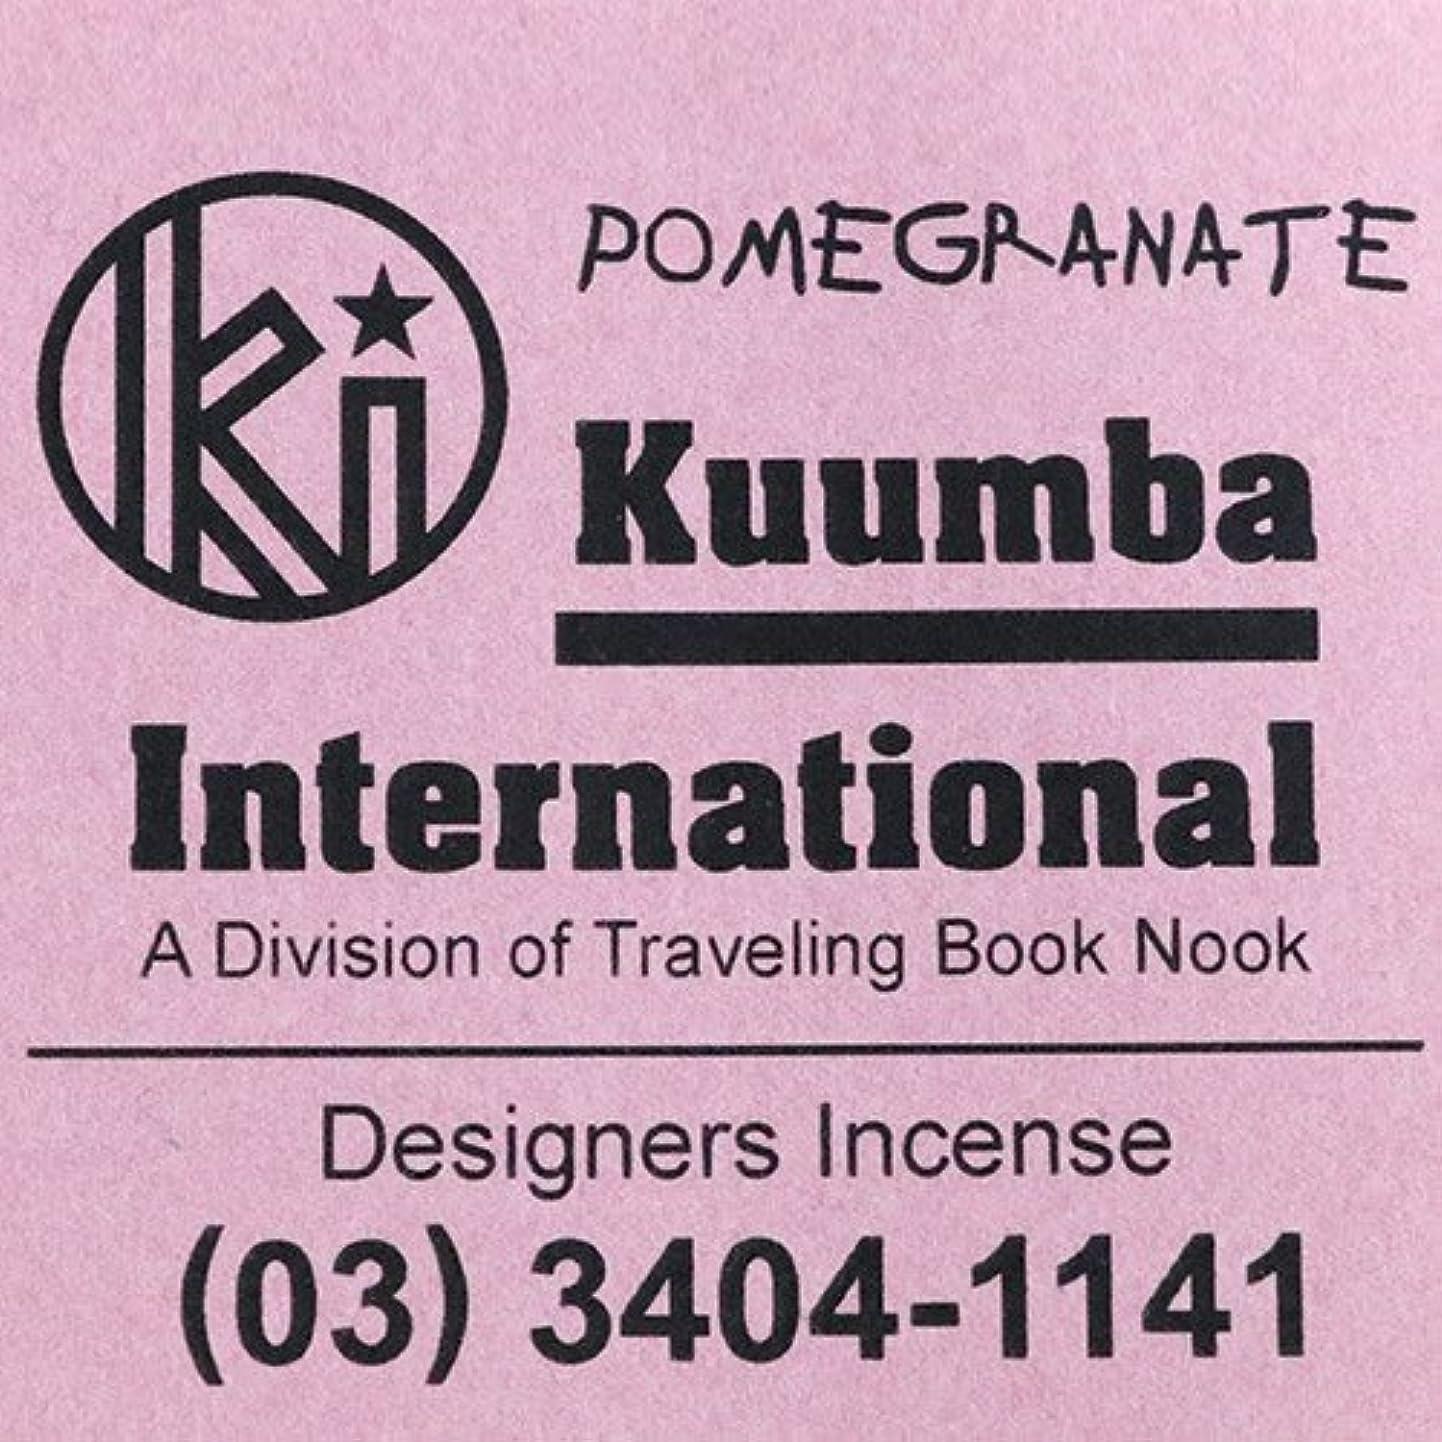 不運含める操作(クンバ) KUUMBA『incense』(POMEGRANATE) (Regular size)